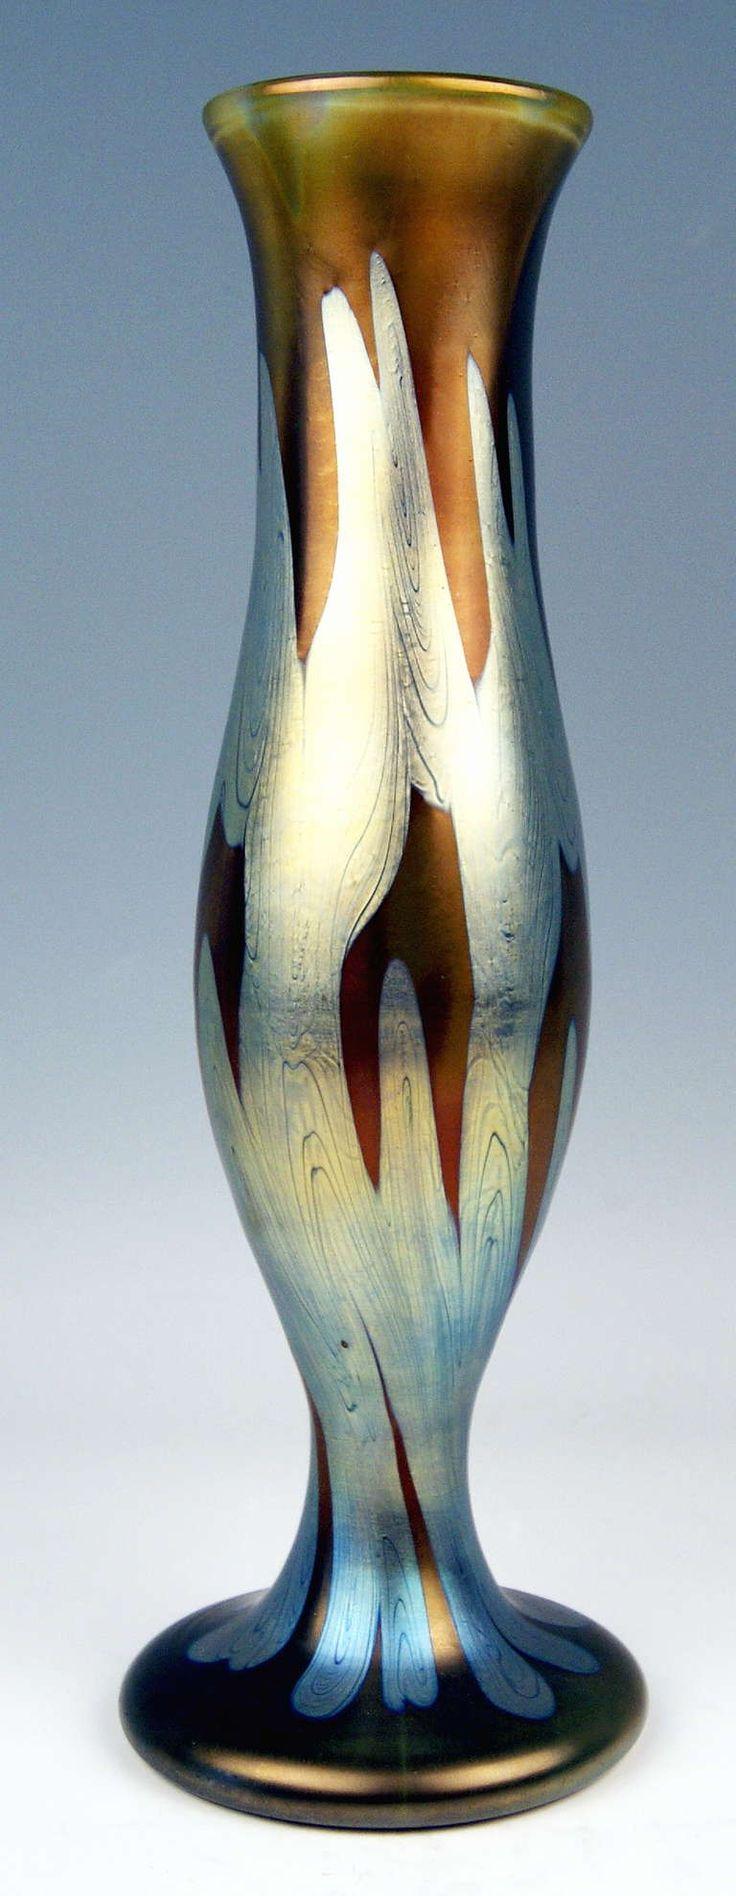 220 best loetz images on pinterest art nouveau glass art and vase loetz widow klostermuehle bohemia art nouveau decor pg 29 132 inches reviewsmspy